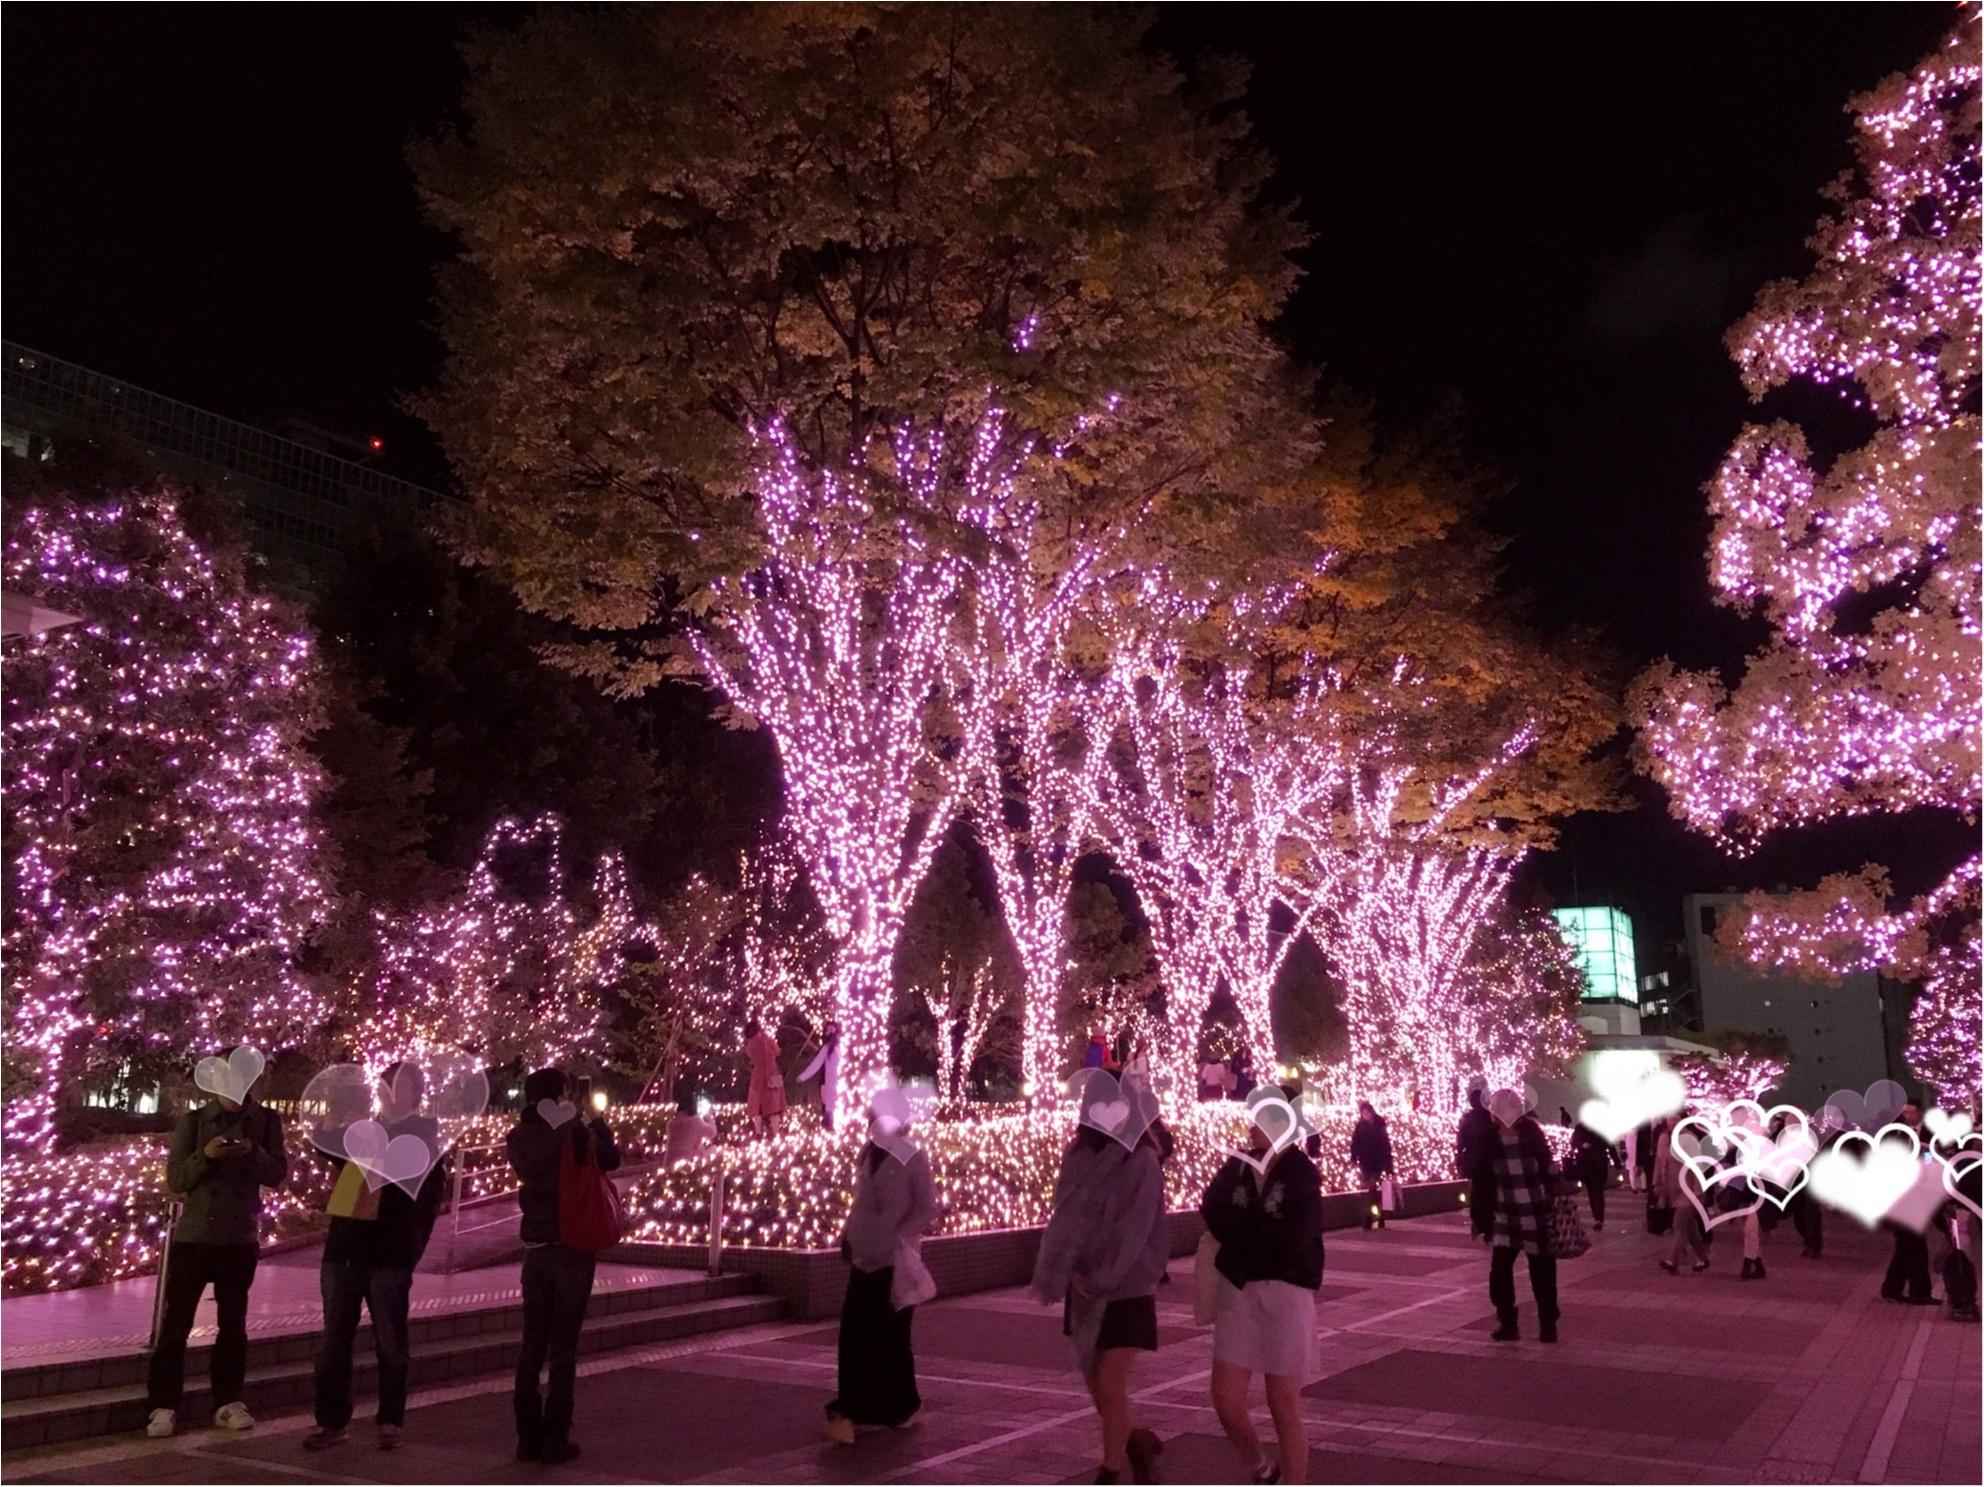 新宿の冬をベビーピンク色に染め上げる♡『新宿テラスシティ』のイルミネーションが女子力高め!体験型の『スマイルタワー』って?♡_8